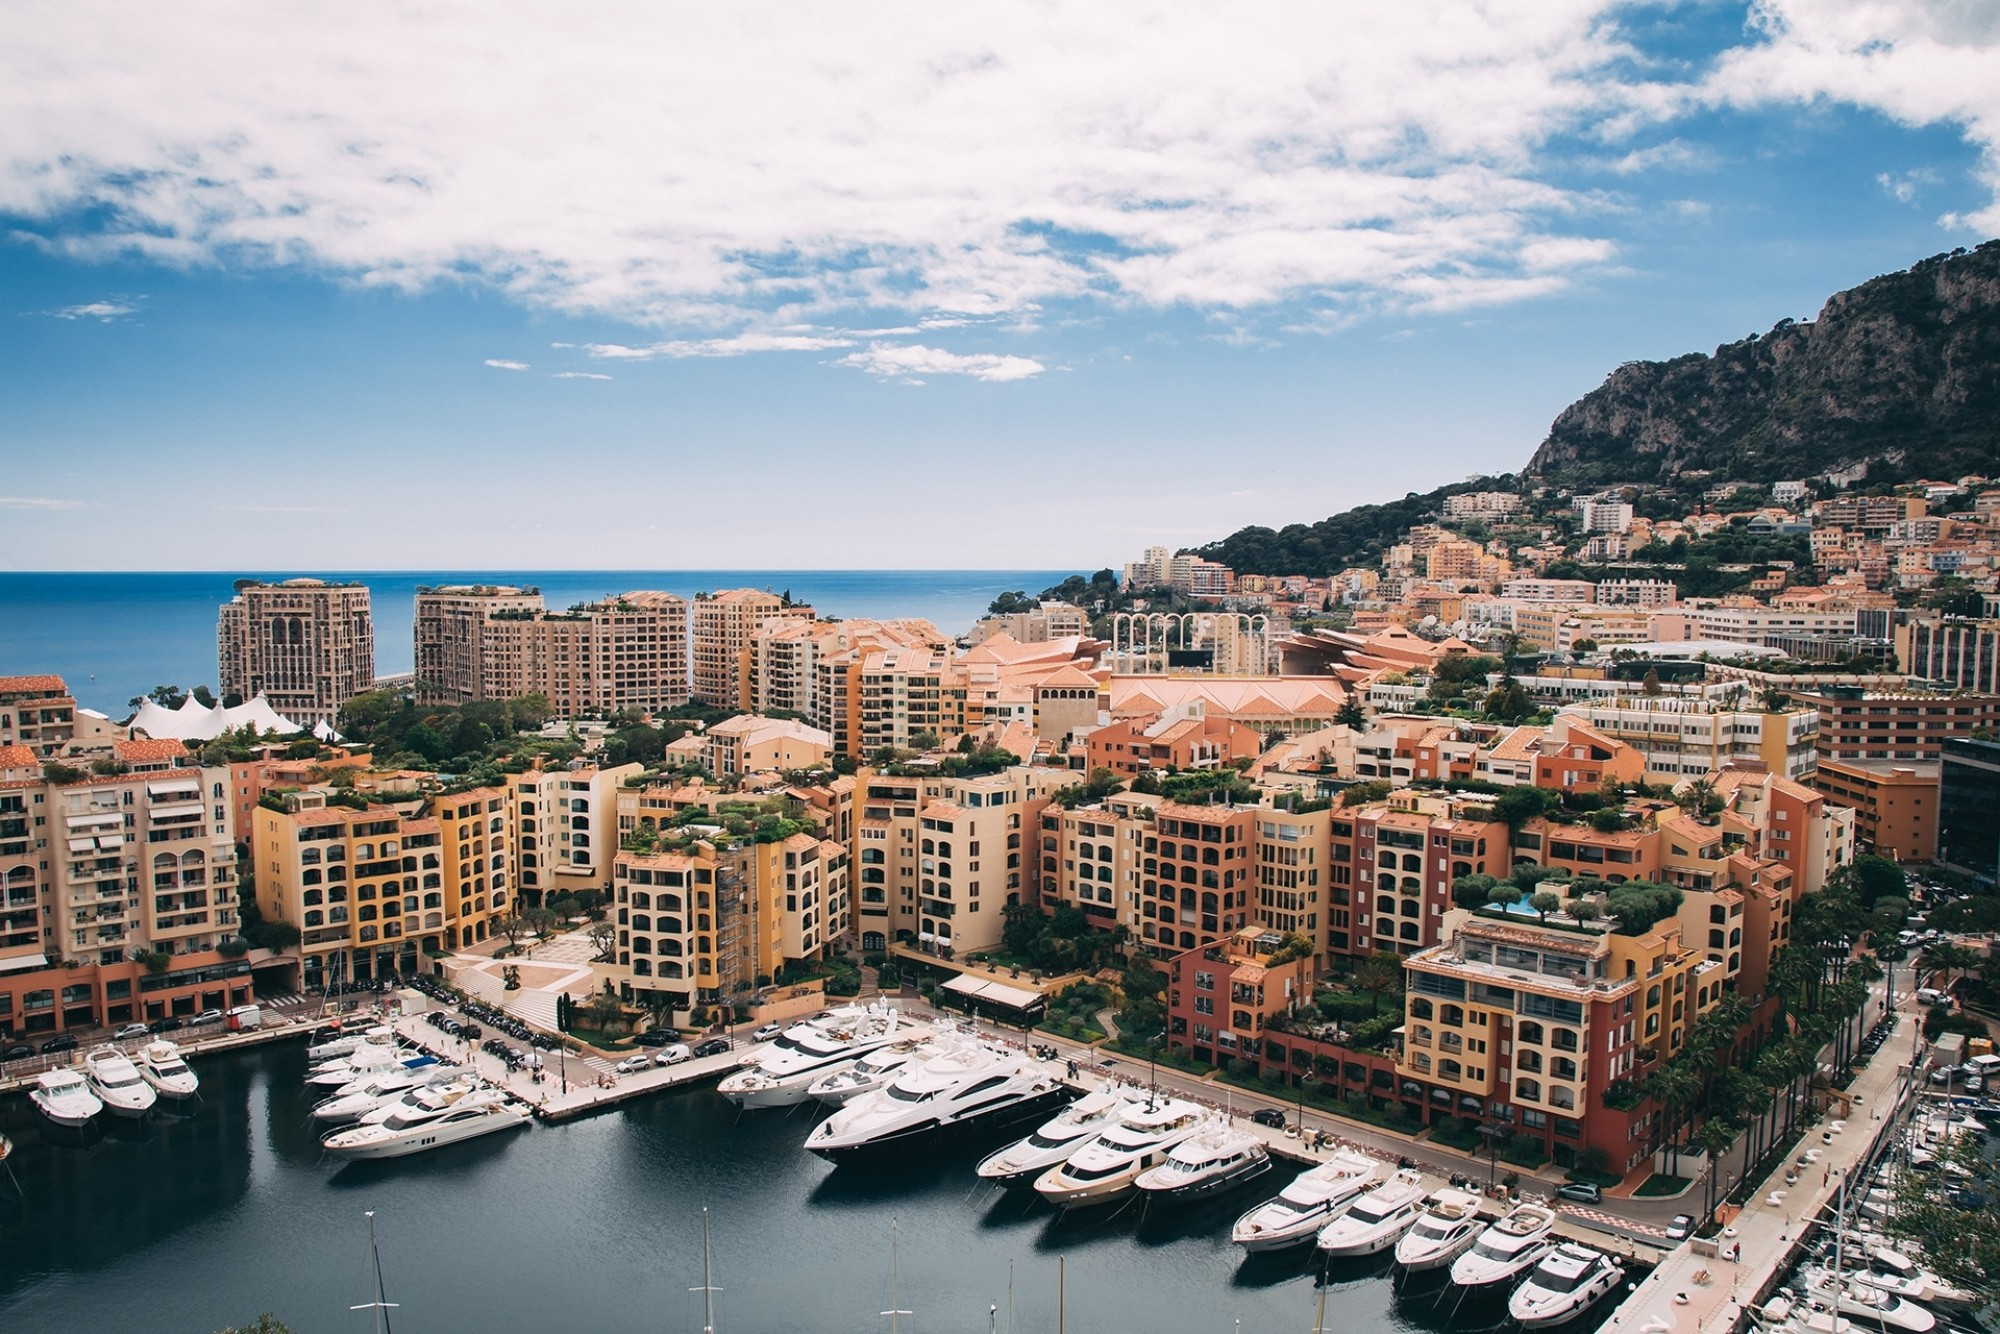 Monte-Carlo_simon-moore-671404-unsplash